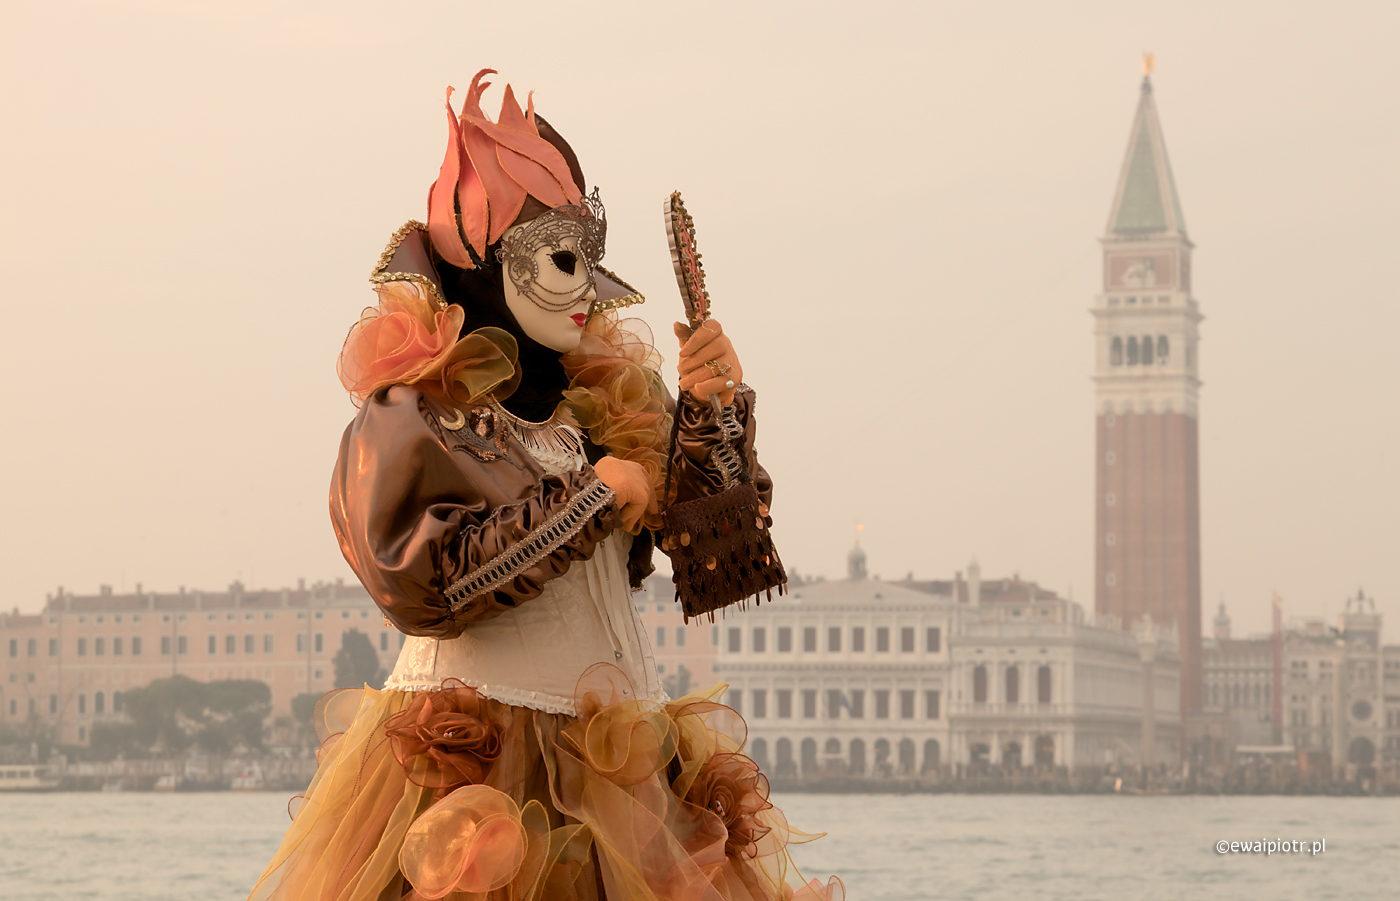 Karnawał w Wenecji, maska wenecka